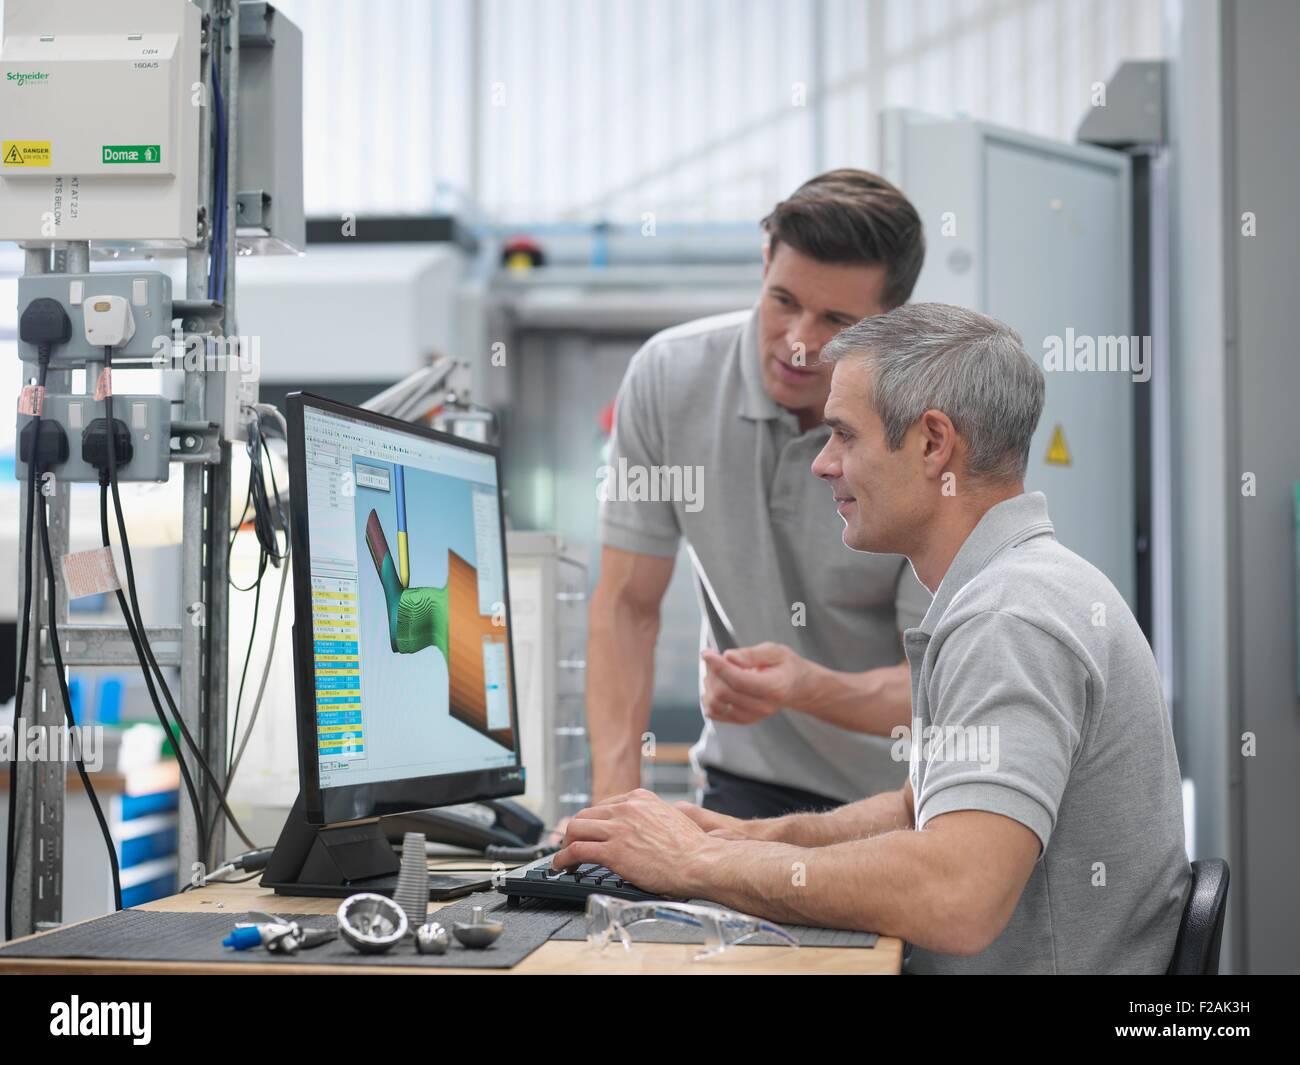 Regarder les ingénieurs tour CNC Progrès à l'écran dans l'usine d'orthopédie Photo Stock